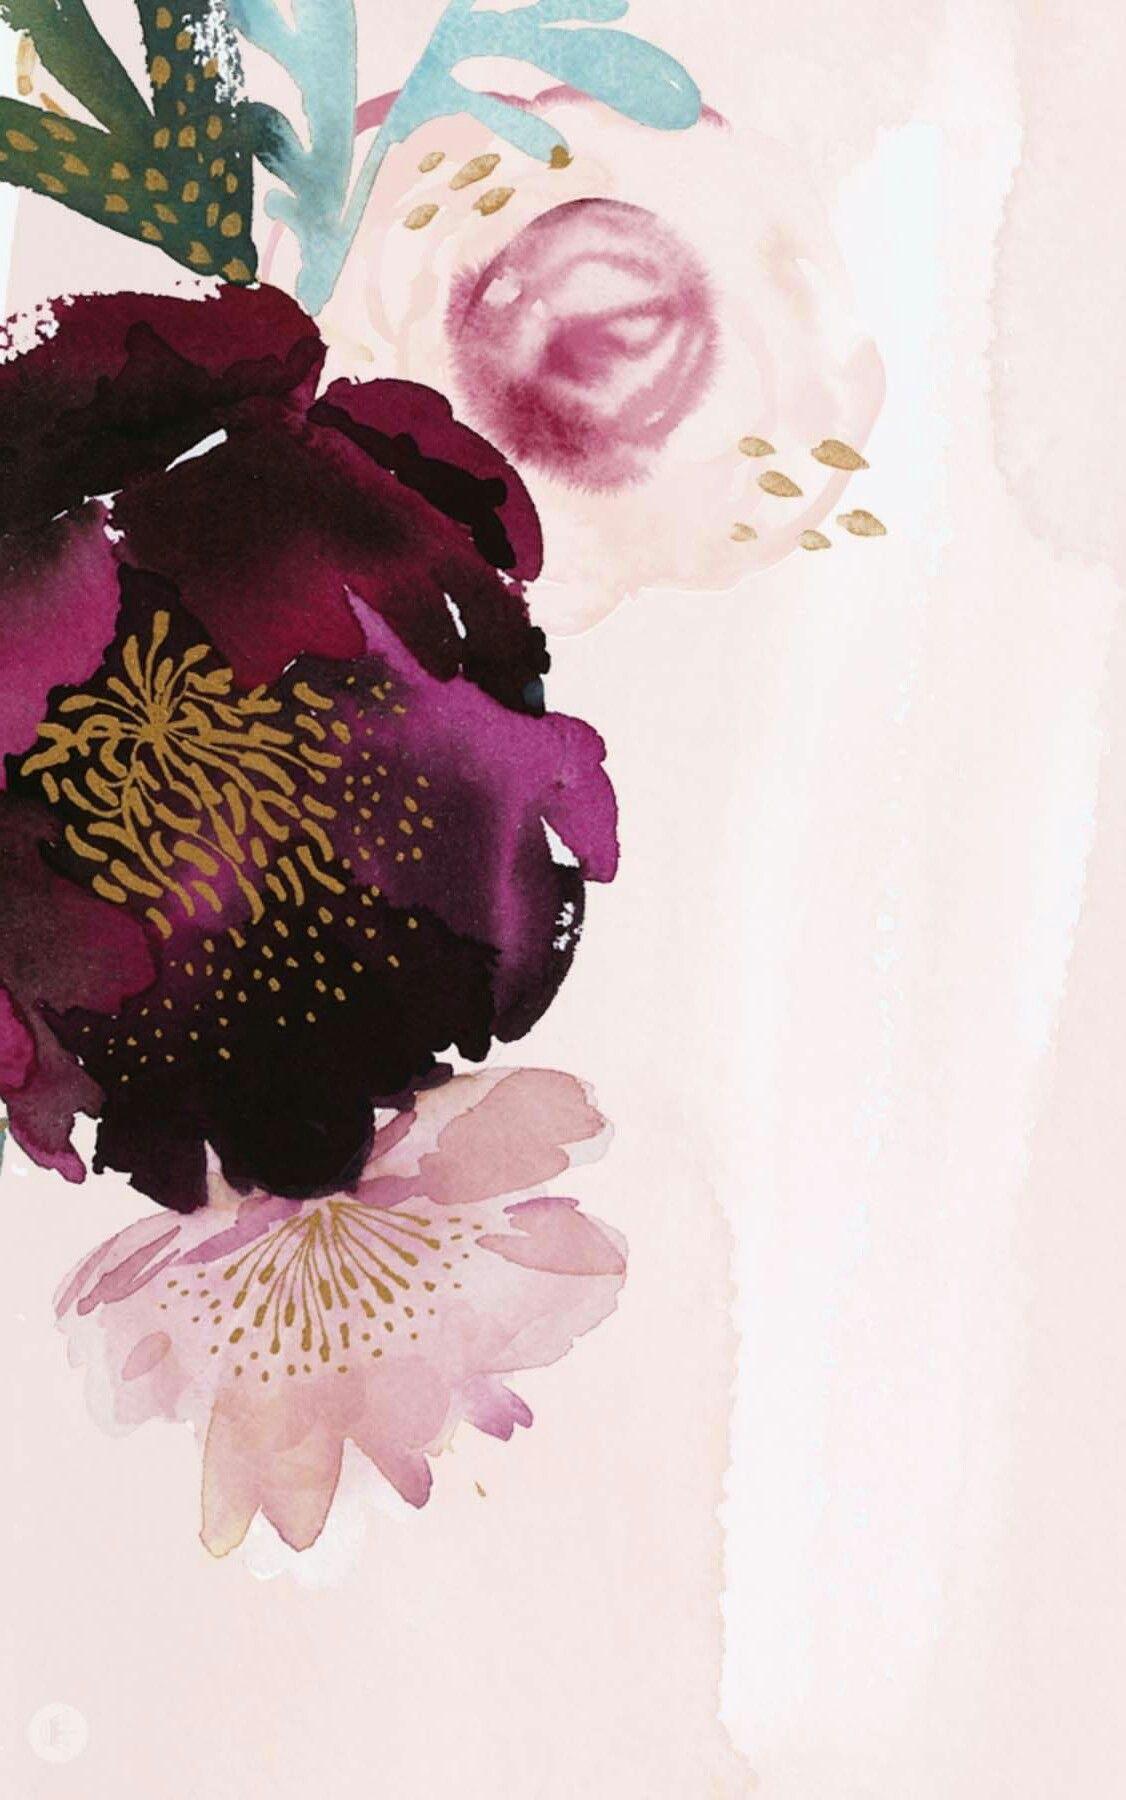 Pinterest Brittttx0 Iphone Wallpaper Art Wallpaper Backgrounds